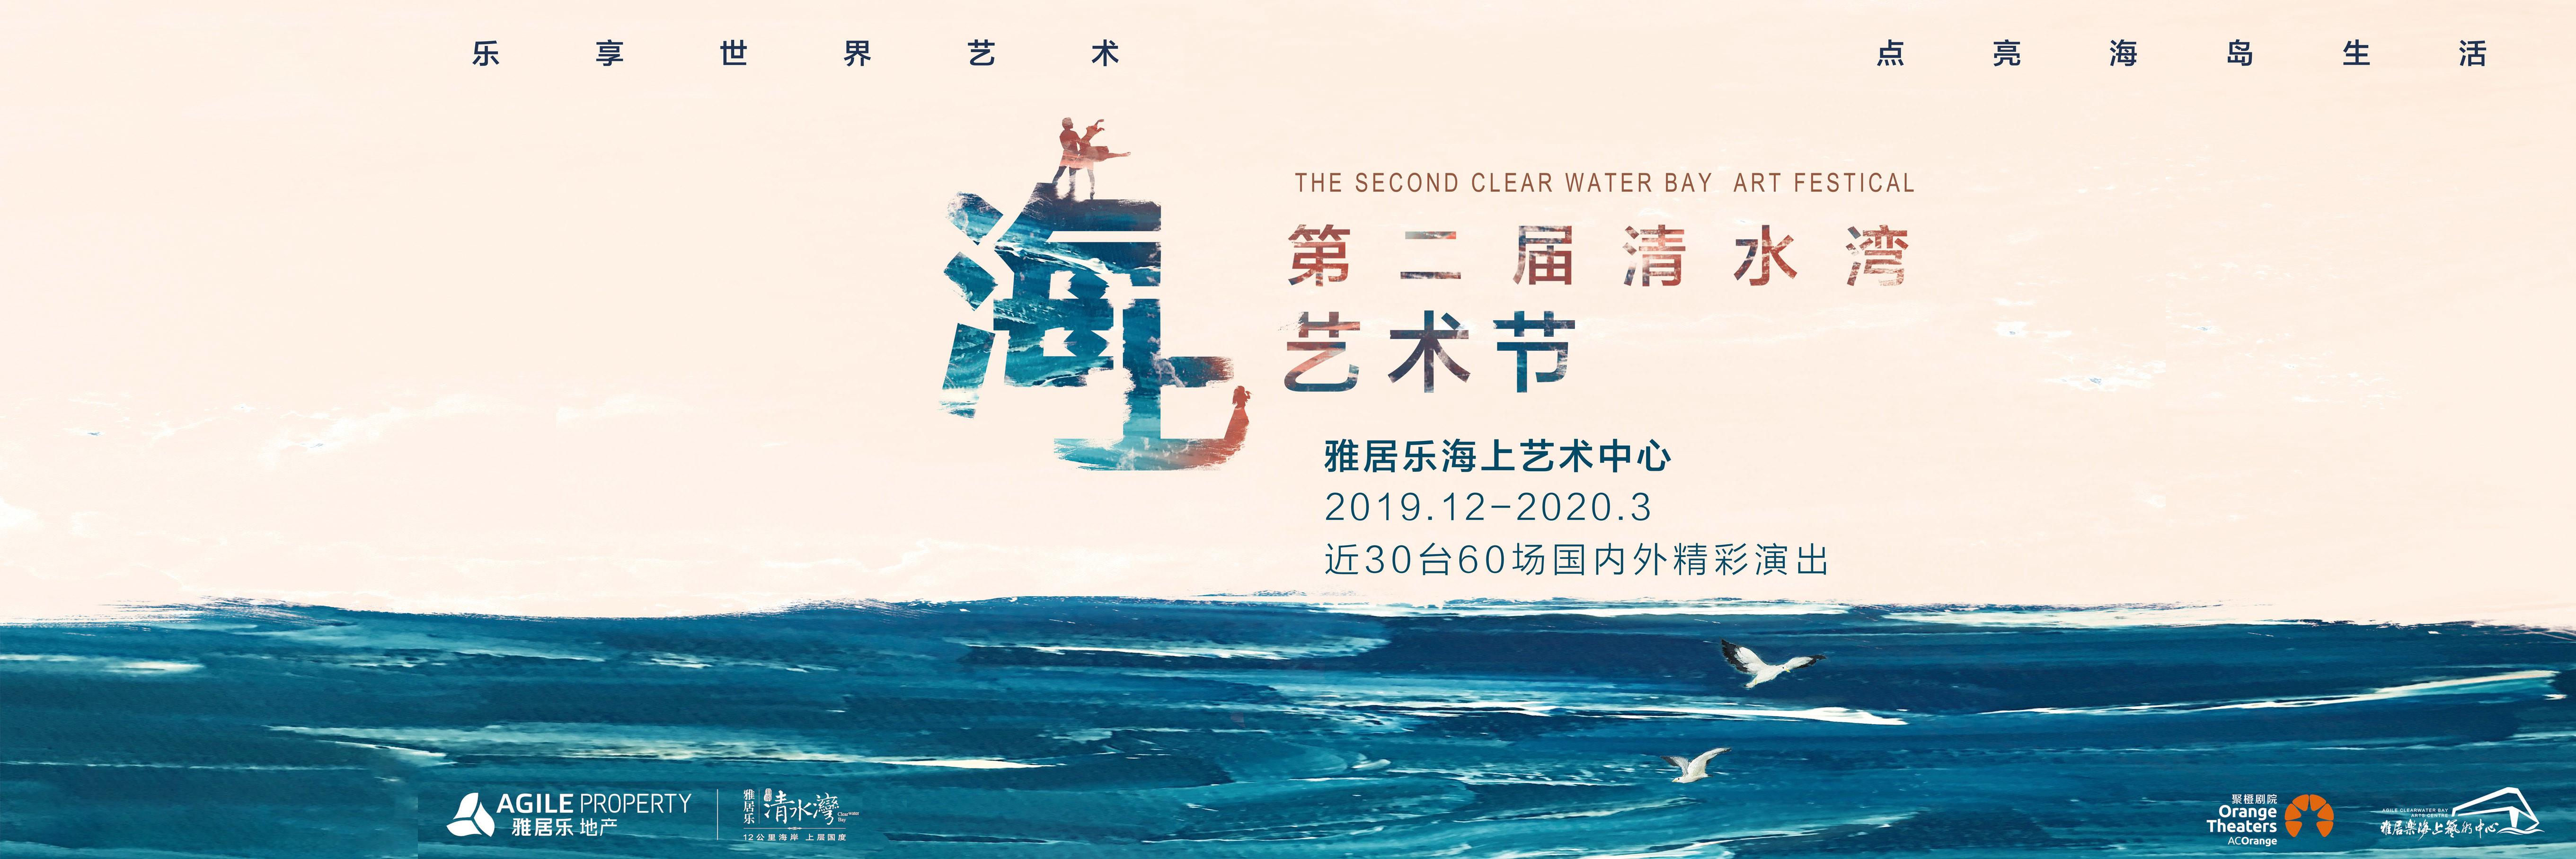 第二届清水湾海上艺术节